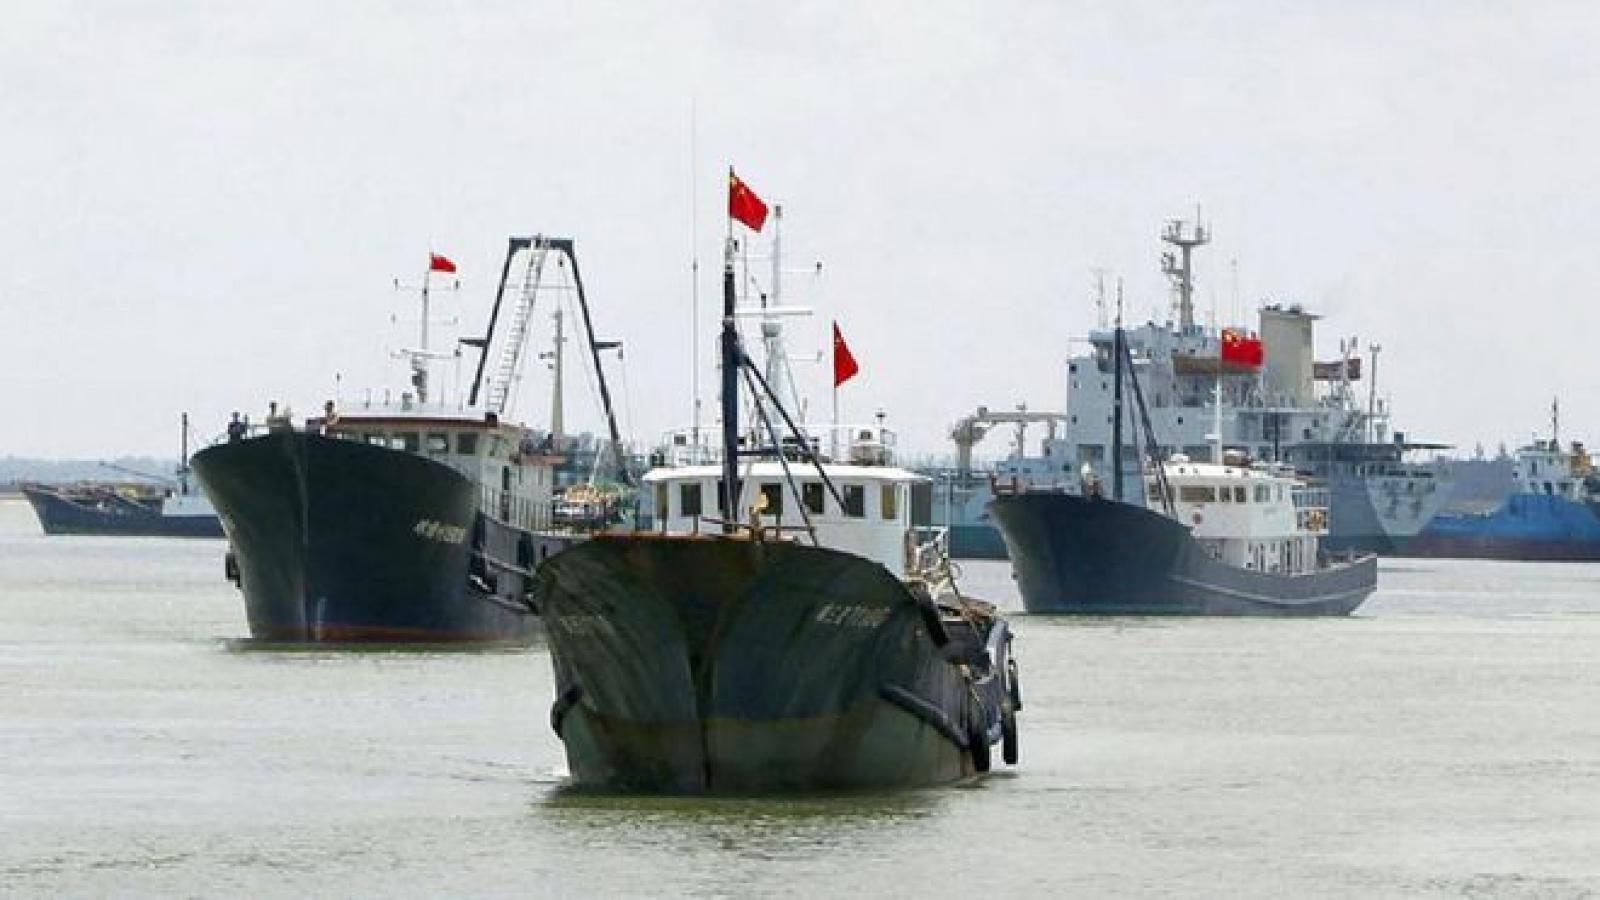 Trung Quốc: Chìm thuyền đánh cá khiến 10 người thiệt mạng